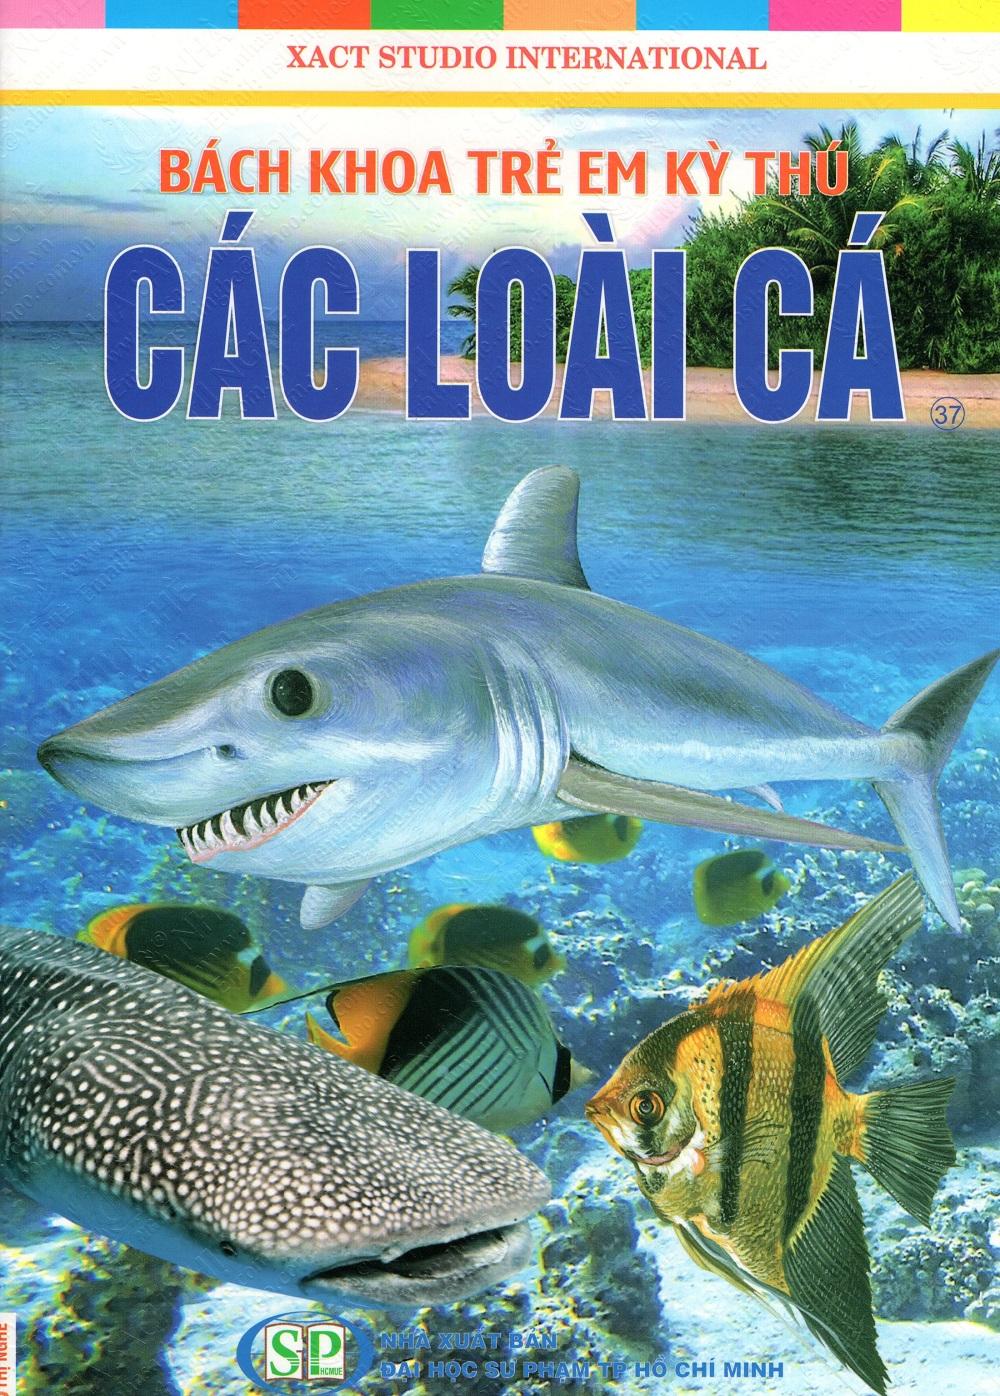 Bìa sách Bách Khoa Trẻ Em Kỳ Thú - Các Loài Cá (37)